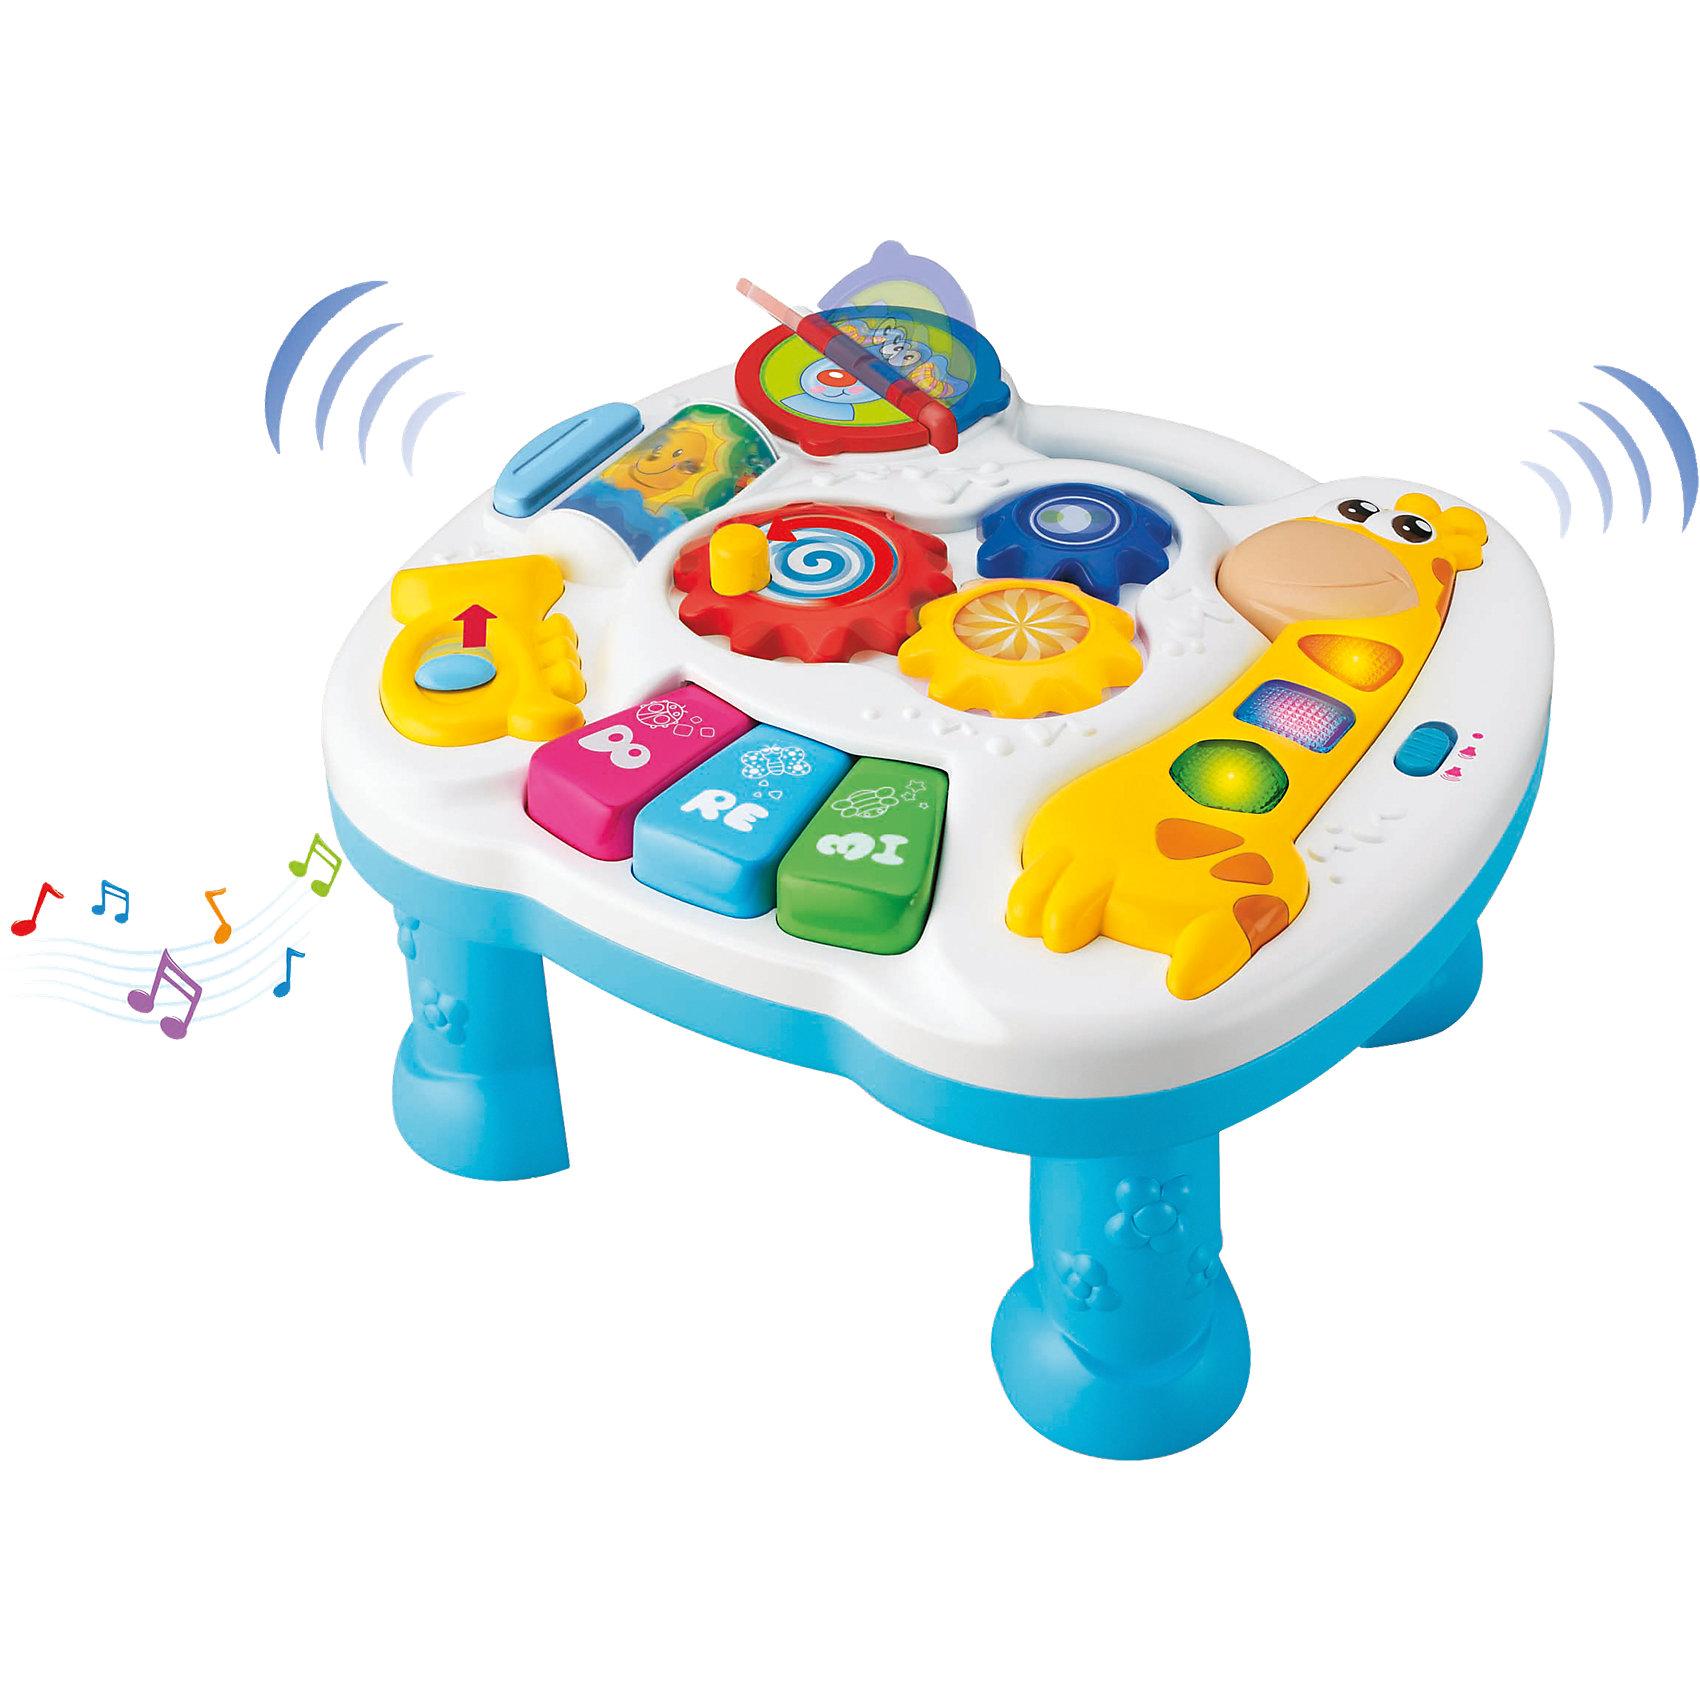 Музыкальный развивающий стол, KeenwayИгрушки для малышей<br>Музыкальный развивающий стол от Keenway (Кинвэй) - отличный подарок крохе. Ведь в панели компактного размера собрано столько всего интересного: можно крутить разноцветные шестеренки, рассматривать перекидные картинки с животными, нажимать на кнопочки, двигать рычажок и даже изучать ноты. Развивающий стол очень привлекателен для ребенка, ведь любое действие малыша сопровождается разными интересными звуками и световыми эффектами. Главным преимуществом этого столика является то, что благодаря устойчивым ножкам с ним можно играть сидя или стоя на полу. Отделенную от ножек панель можно подвесить на кровать или манеж или положить на стол, поэтому Вы сможете пользоваться столиком где Вам удобно.<br><br>Дополнительная информация: <br><br>- Столик прекрасно развивает моторику, слуховое восприятие и координацию;<br>- Множество развивающих функций;<br>- Звуковые и световые эффекты;<br>- Съемные ножки;<br>- Можно подвесить на кроватку;<br>- Размер панели: 26 х 26 см;<br>- Размер упаковки: 8,3 х 38,1 х 26,7 см;<br>- Вес: 0,9 кг<br><br>Музыкальный развивающий стол, Keenway (Кинвэй) можно купить в нашем интернет-магазине<br><br>Ширина мм: 83<br>Глубина мм: 381<br>Высота мм: 267<br>Вес г: 990<br>Возраст от месяцев: 6<br>Возраст до месяцев: 36<br>Пол: Унисекс<br>Возраст: Детский<br>SKU: 4001683